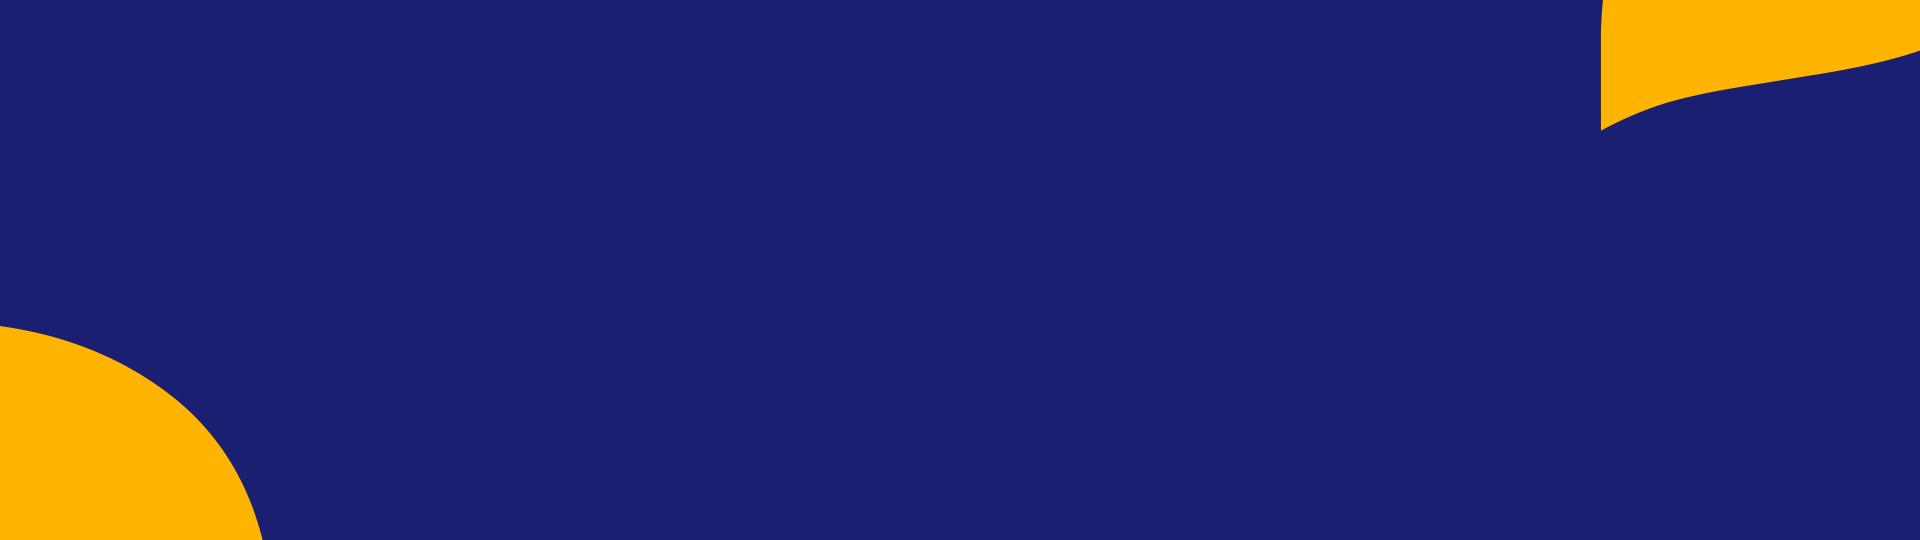 MARKETING-VISA-LOGOLUKREDIKARTINIKAYDET50TLINDIRIMKAZAN-01-02